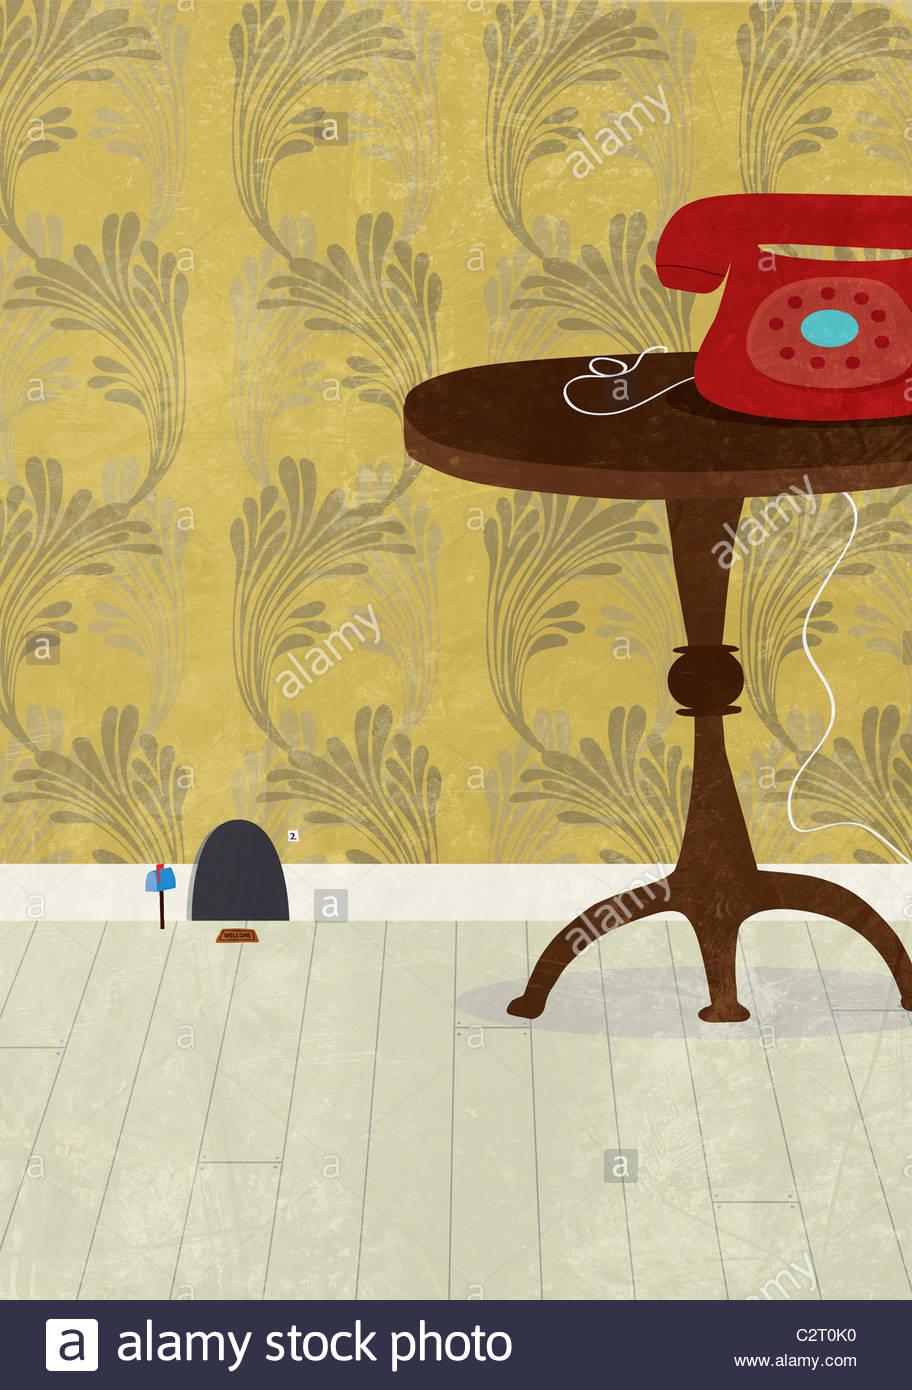 Le trou de souris à côté de table et téléphone Photo Stock